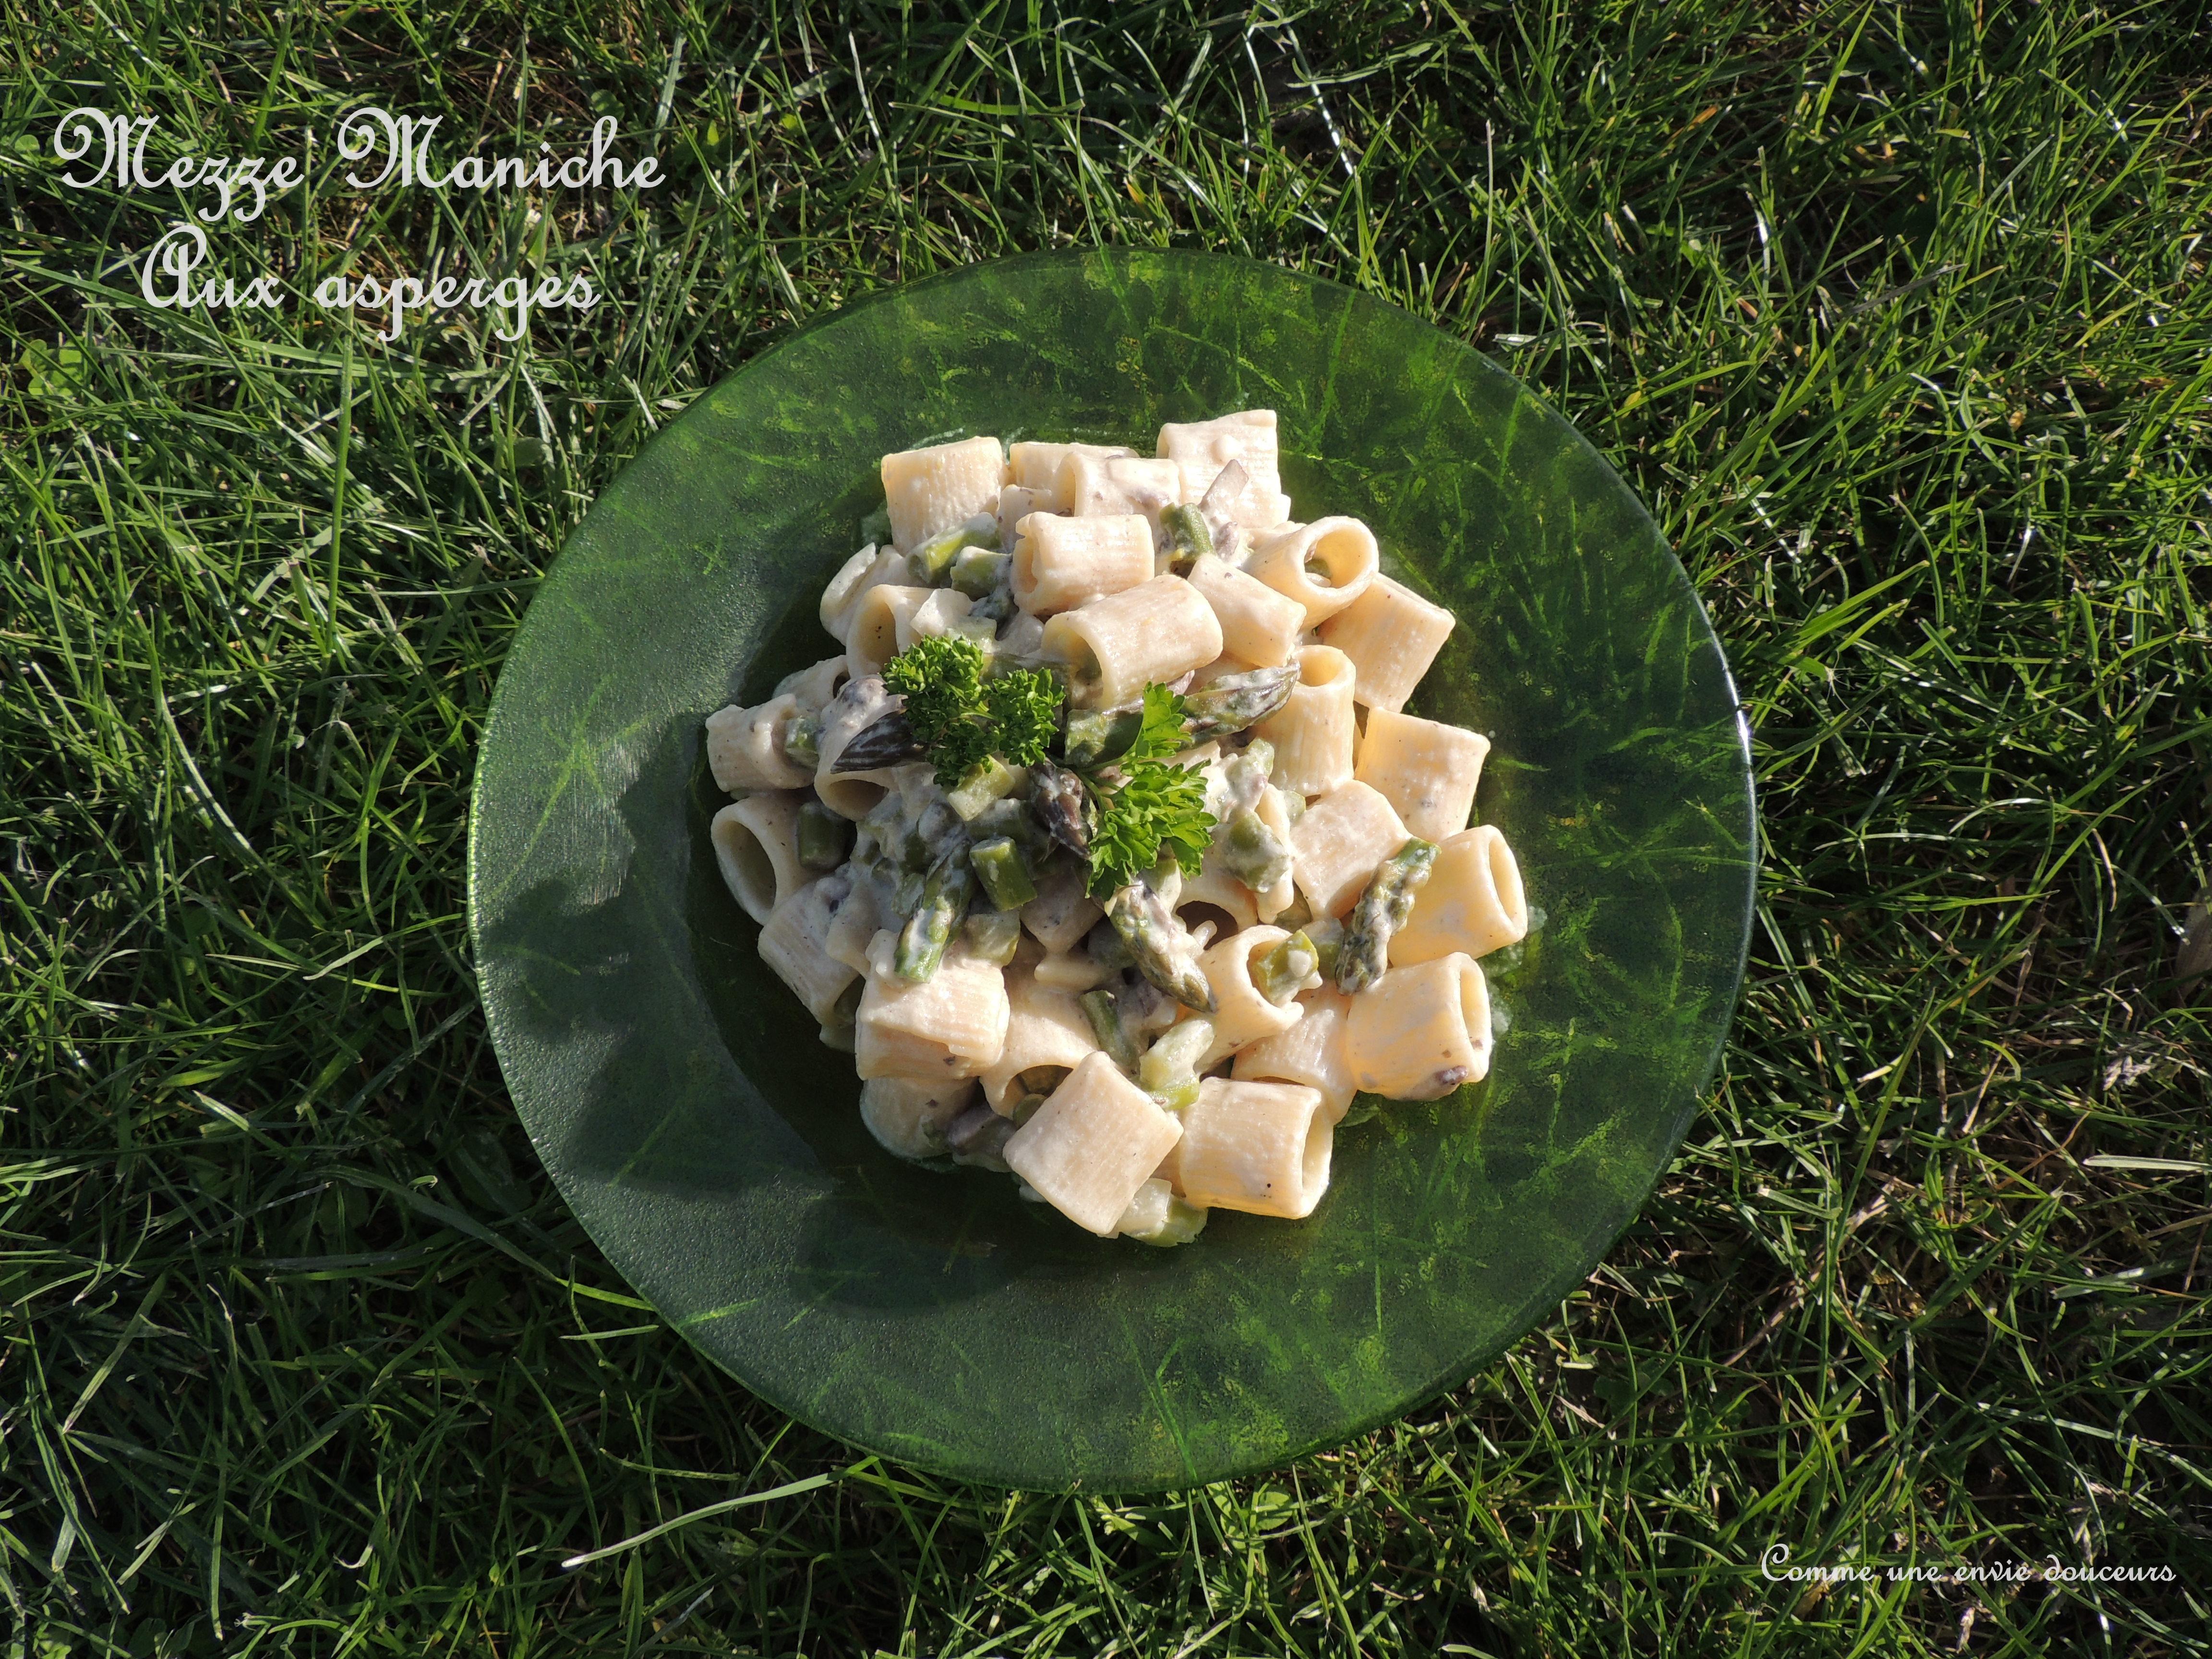 Mezze Maniche aux asperges vertes – Mezze Maniche & green asparagus